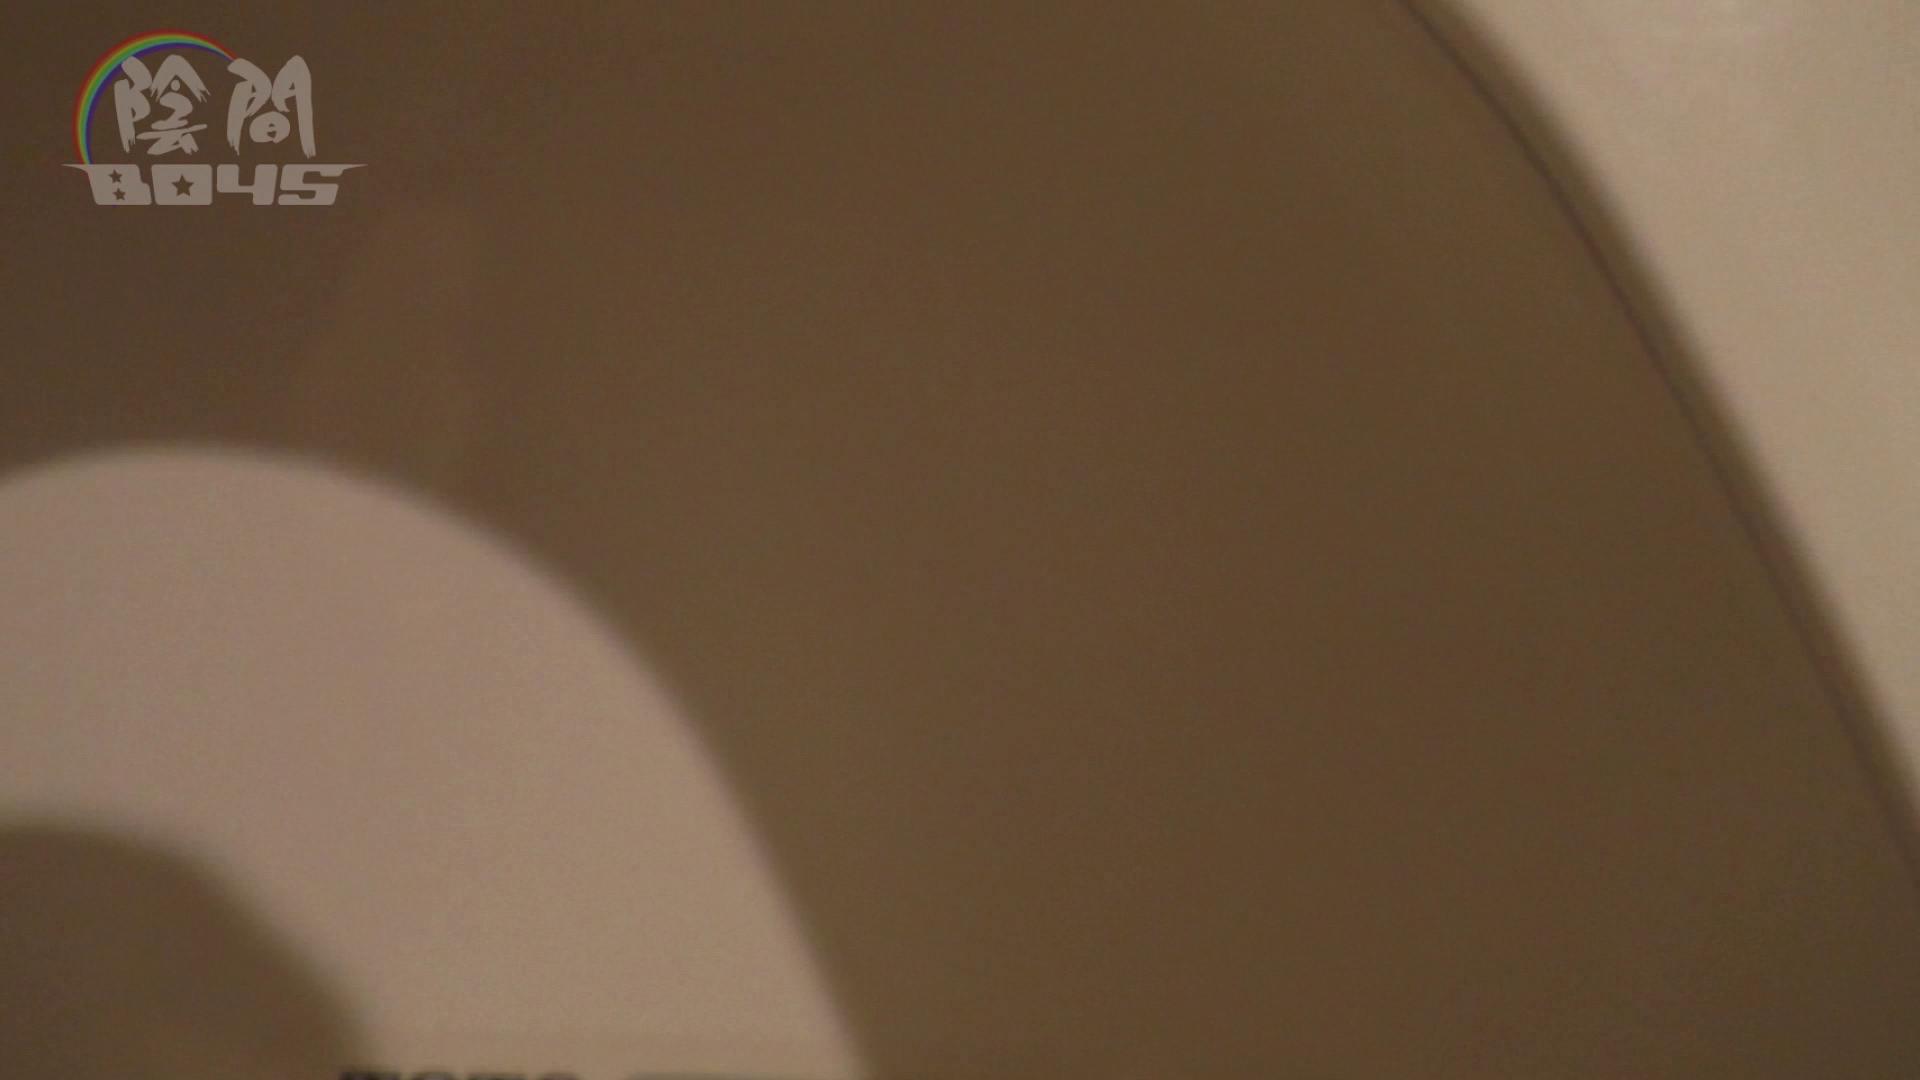 ホストのお仕事1~vol.5  罰は痛~いアナル挿入 隠し撮り動画 ゲイ丸見え画像 102pic 15